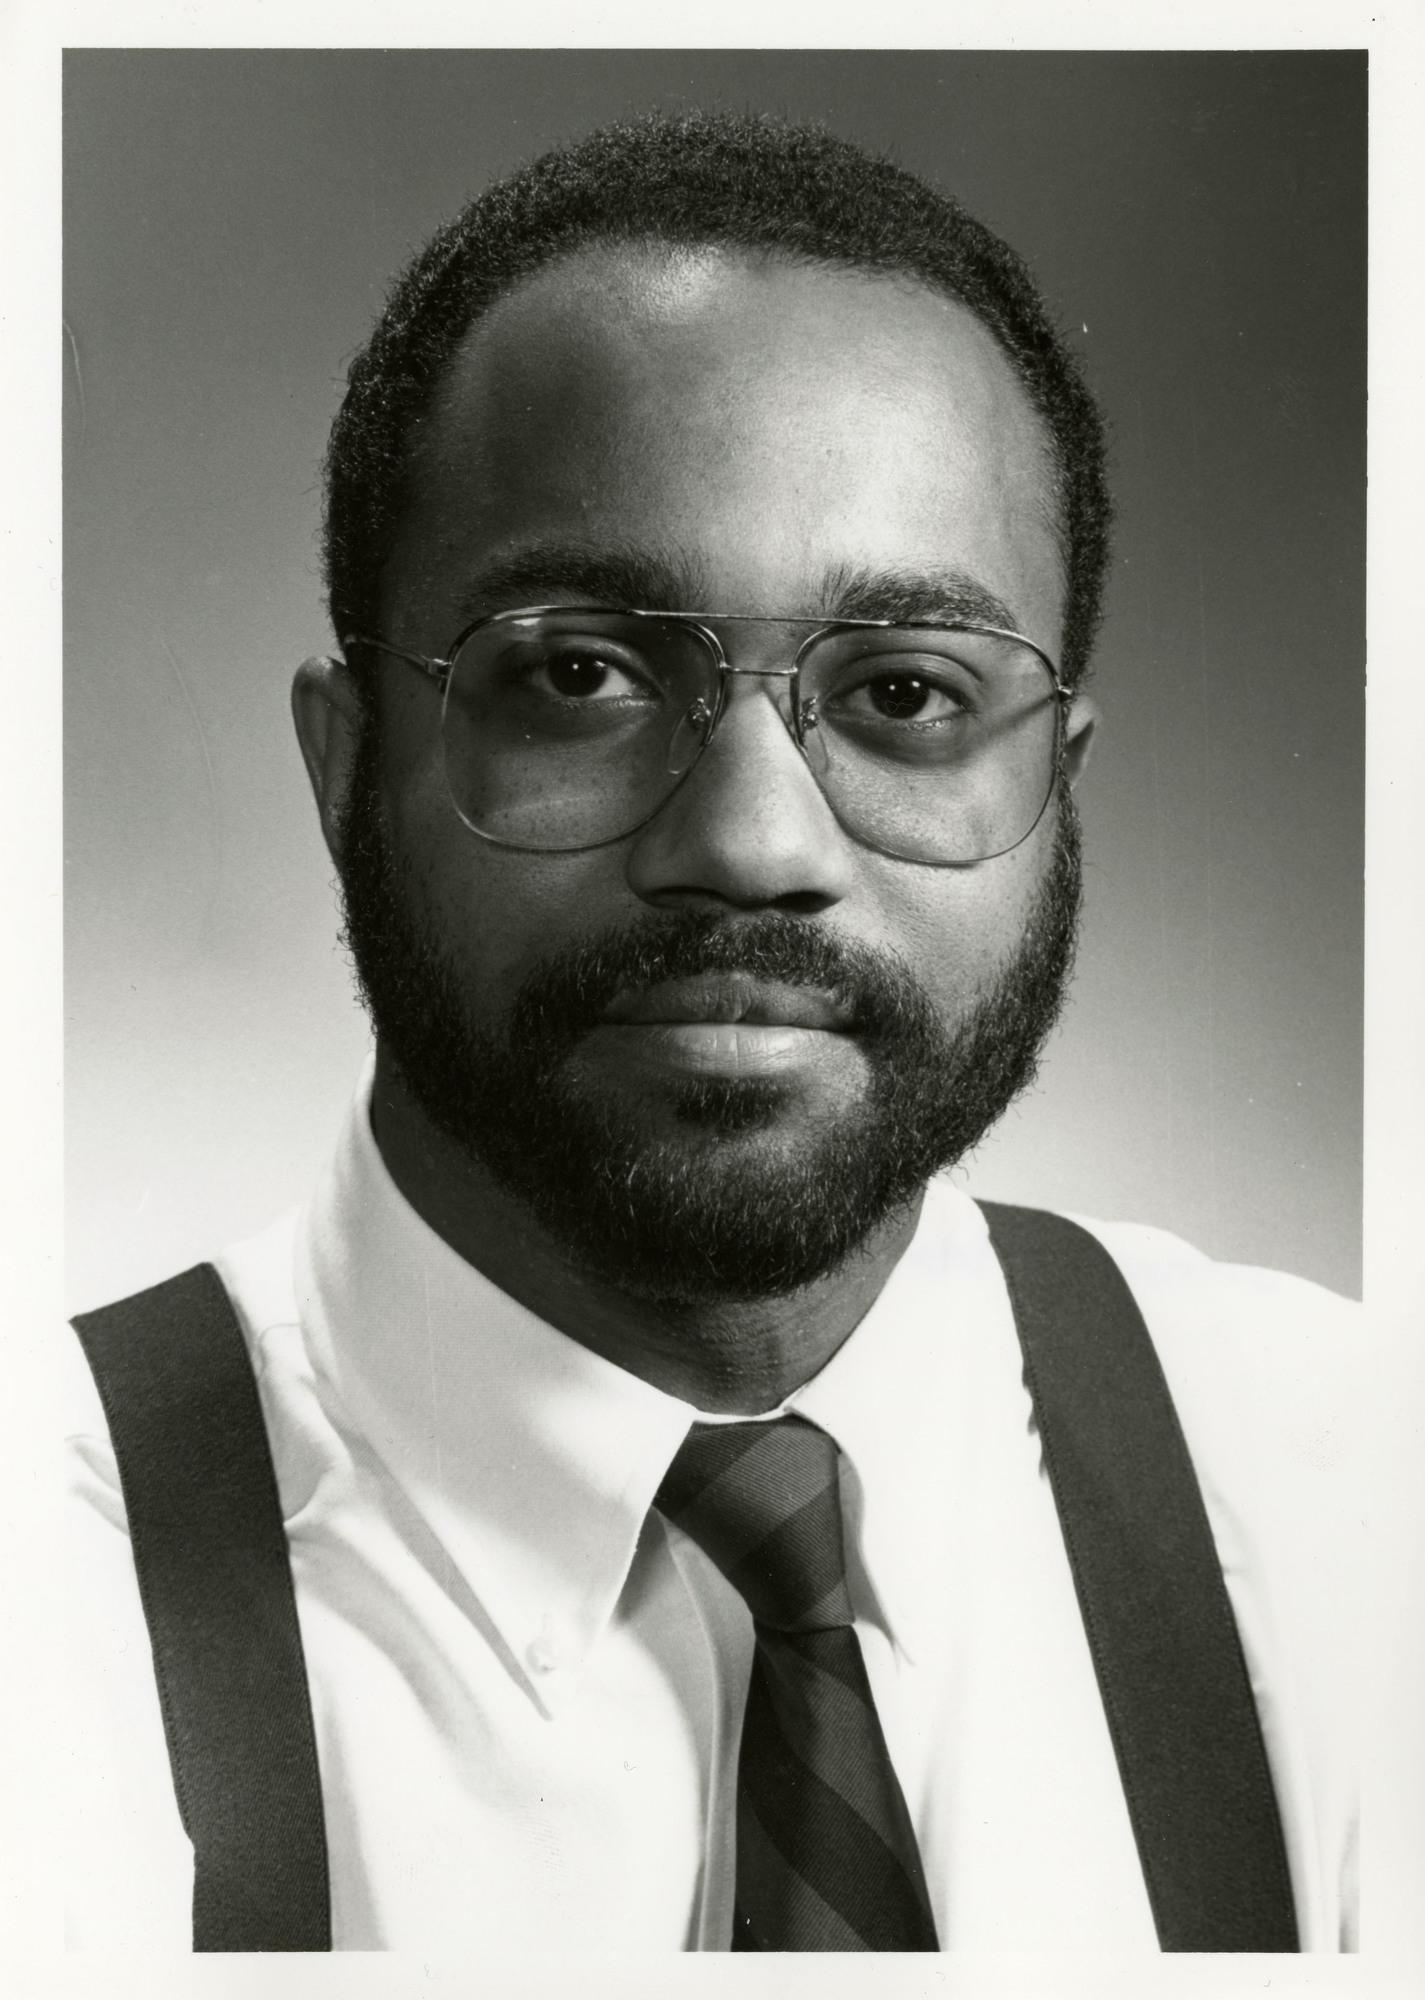 http://spec.lib.vt.edu/pickup/Omeka_upload/Martin_Jimmy_1990.jpg